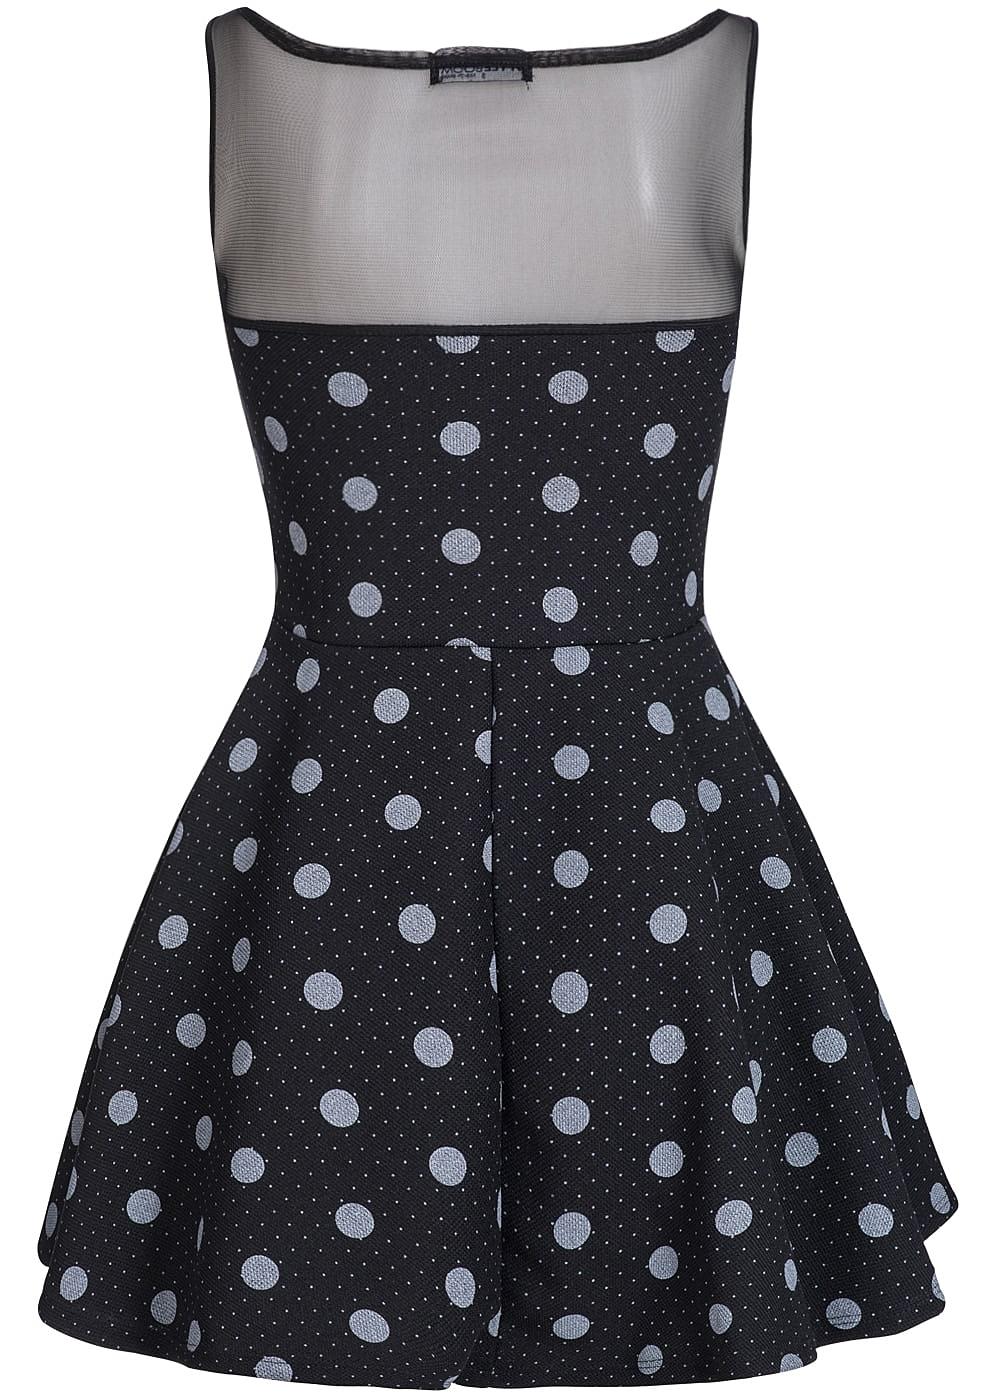 styleboom fashion damen mini kleid netz optik punkte muster schwarz weiss 77onlineshop. Black Bedroom Furniture Sets. Home Design Ideas